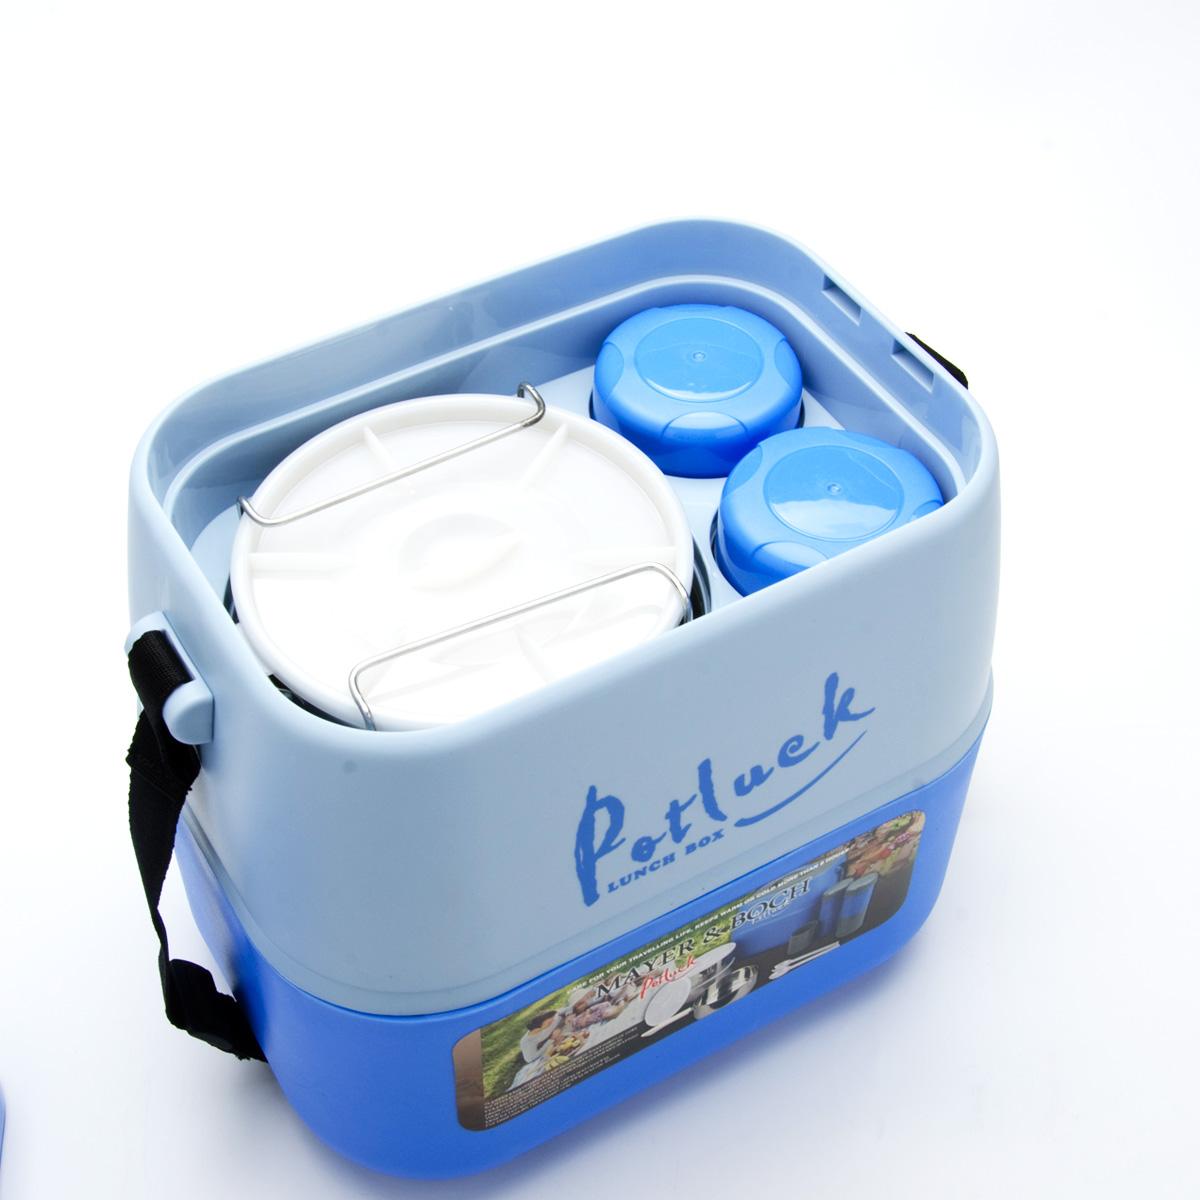 Термо-контейнер для продуктов Mayer & Boch, цвет: синий, 3,6 лVT-1520(SR)Термо-контейнер Mayer & Boch, изготовленный из полипропилена, станет незаменимой вещью для офисных работников, водителей, школьников и студентов. Благодаря двойной стенке и герметичной крышке термо-конейнер сохраняет температуру продуктов в течение 4-5 часов, поэтому вы сможете насладиться теплым обедом и вне дома. Изделие имеет абсолютно герметичную конструкцию. Контейнер идеален для пикников и путешествий. Вы можете носить в нем обеды и завтраки, супы, закуски, фрукты, овощи и другое. Термо-контейнер прекрасно подходит для горячей и холодной пищи. Для более удобной транспортировки изделие оснащено текстильным ремнем. В наборе - 3 стальных контейнера для пищи с пластиковыми крышками, металлическая подставка и съемная ручка для контейнеров, 2 пластиковые емкости для жидкости с крышками, 2 стакана, пластиковые ложка и вилка-ложка. Все предметы компактно и надежно складываются внутрь термо-контейнера. Объем термо-контейнера: 3,6 л.Размер термо-контейнера: 27 см х 19 см х 29 см.Диаметр контейнера для пищи: 14 см.Высота контейнера для пищи (без учета крышки): 6 см.Размер подставки для контейнеров: 10,5 см х 10,5 см х 19 см.Длина съемной ручки для контейнеров: 11 см.Длина ложки/вилки-ложки: 16 см.